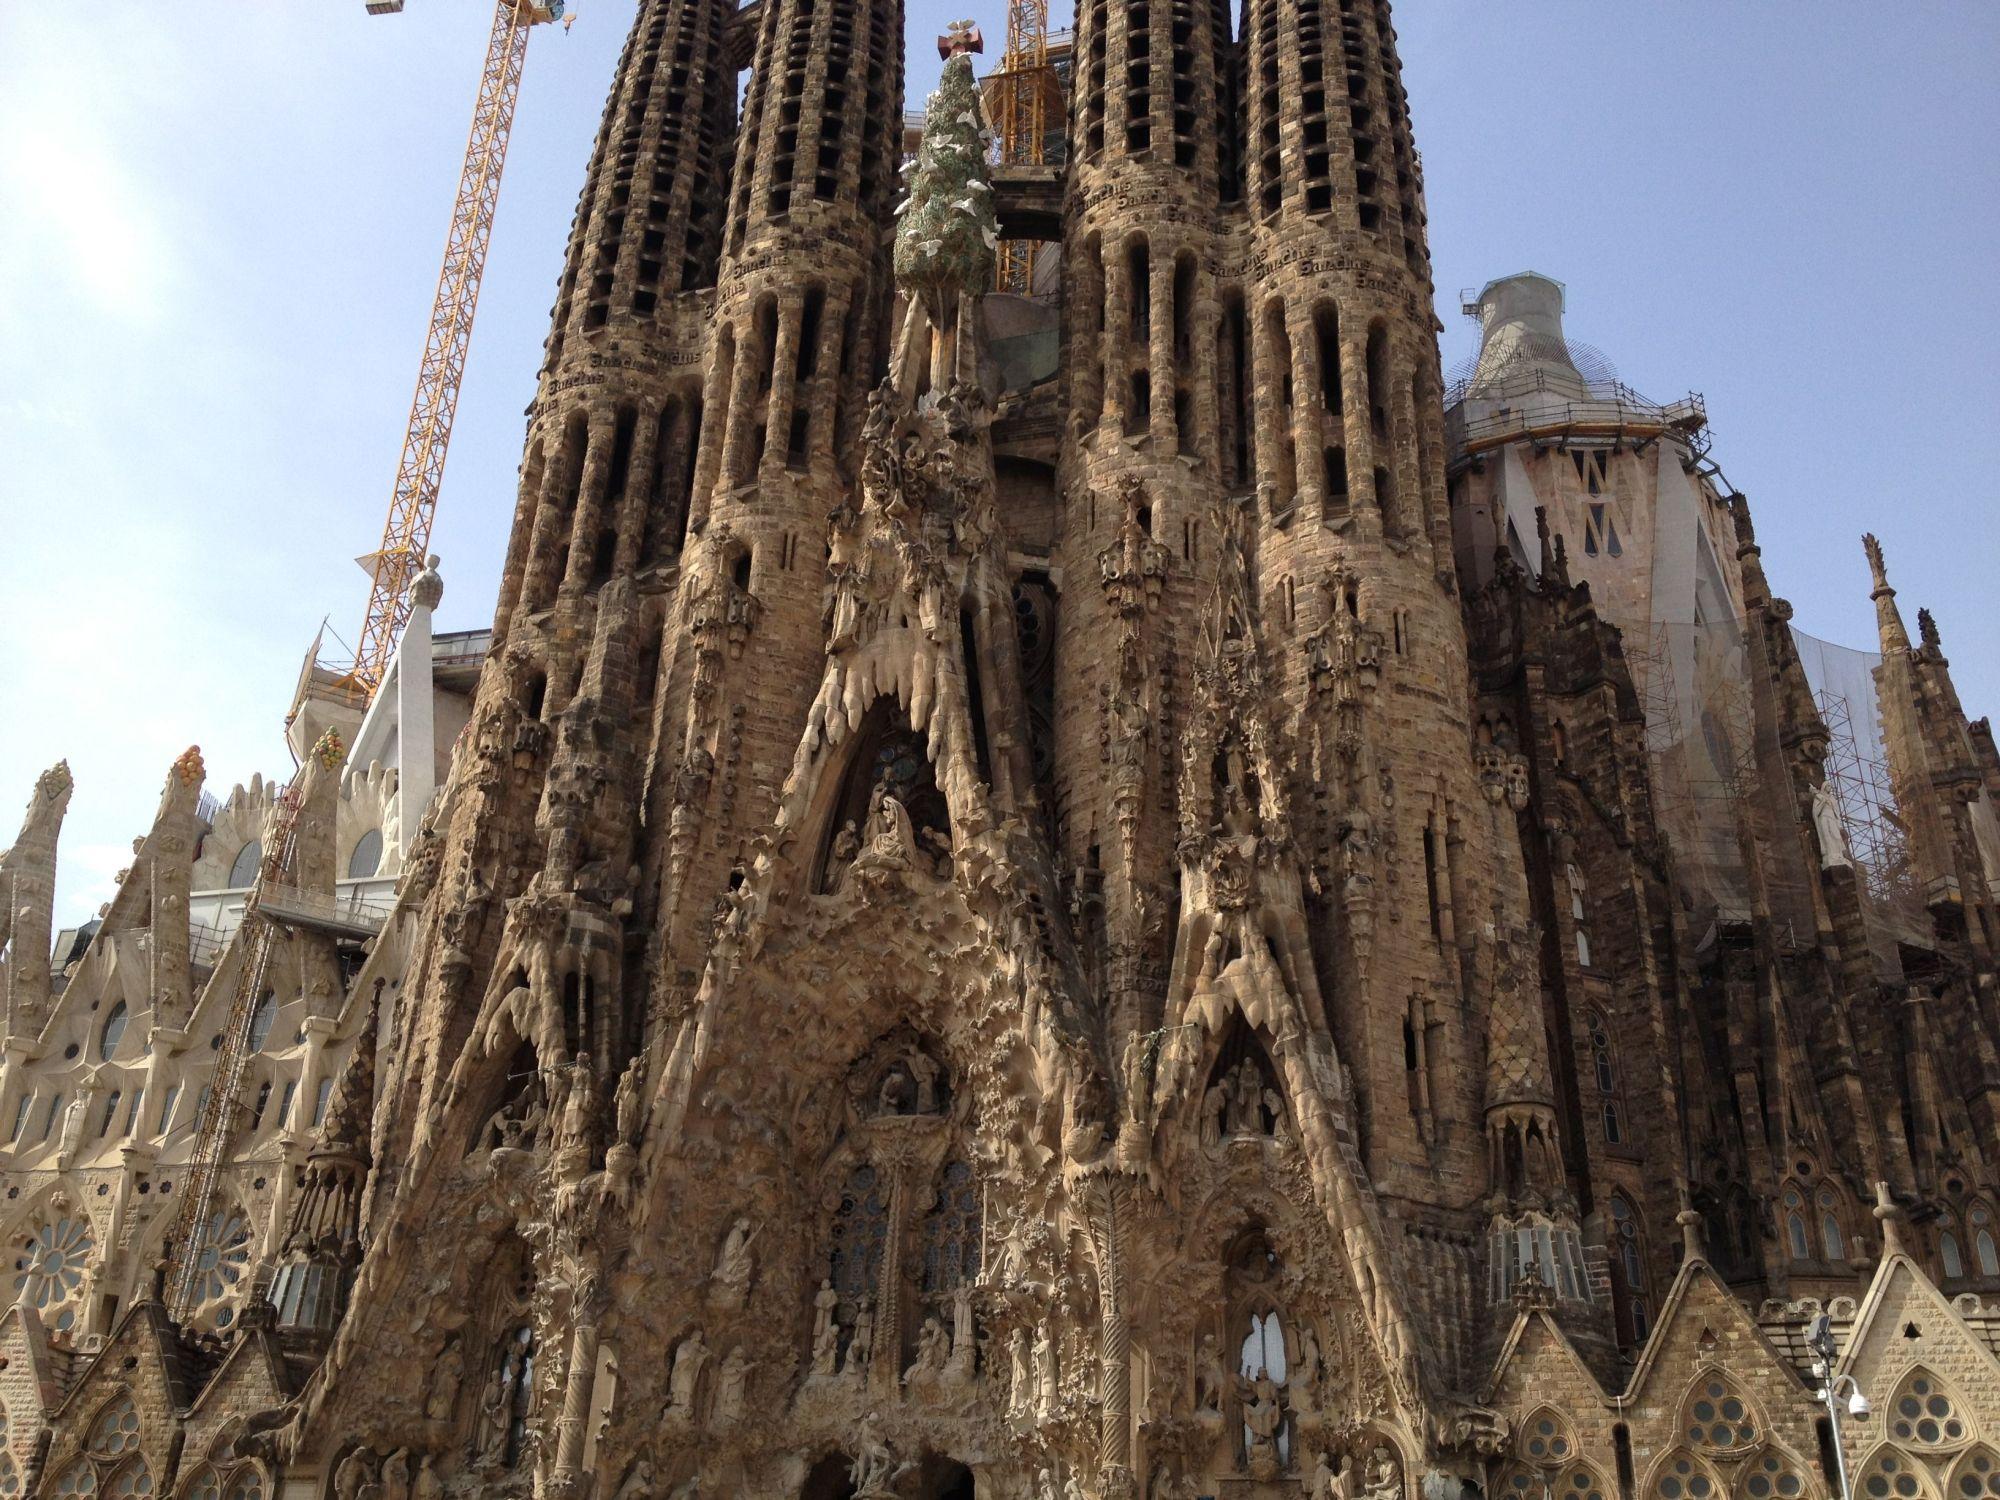 La sagrada fam lia gaud s incomplete masterpiece for La sagrada familia church